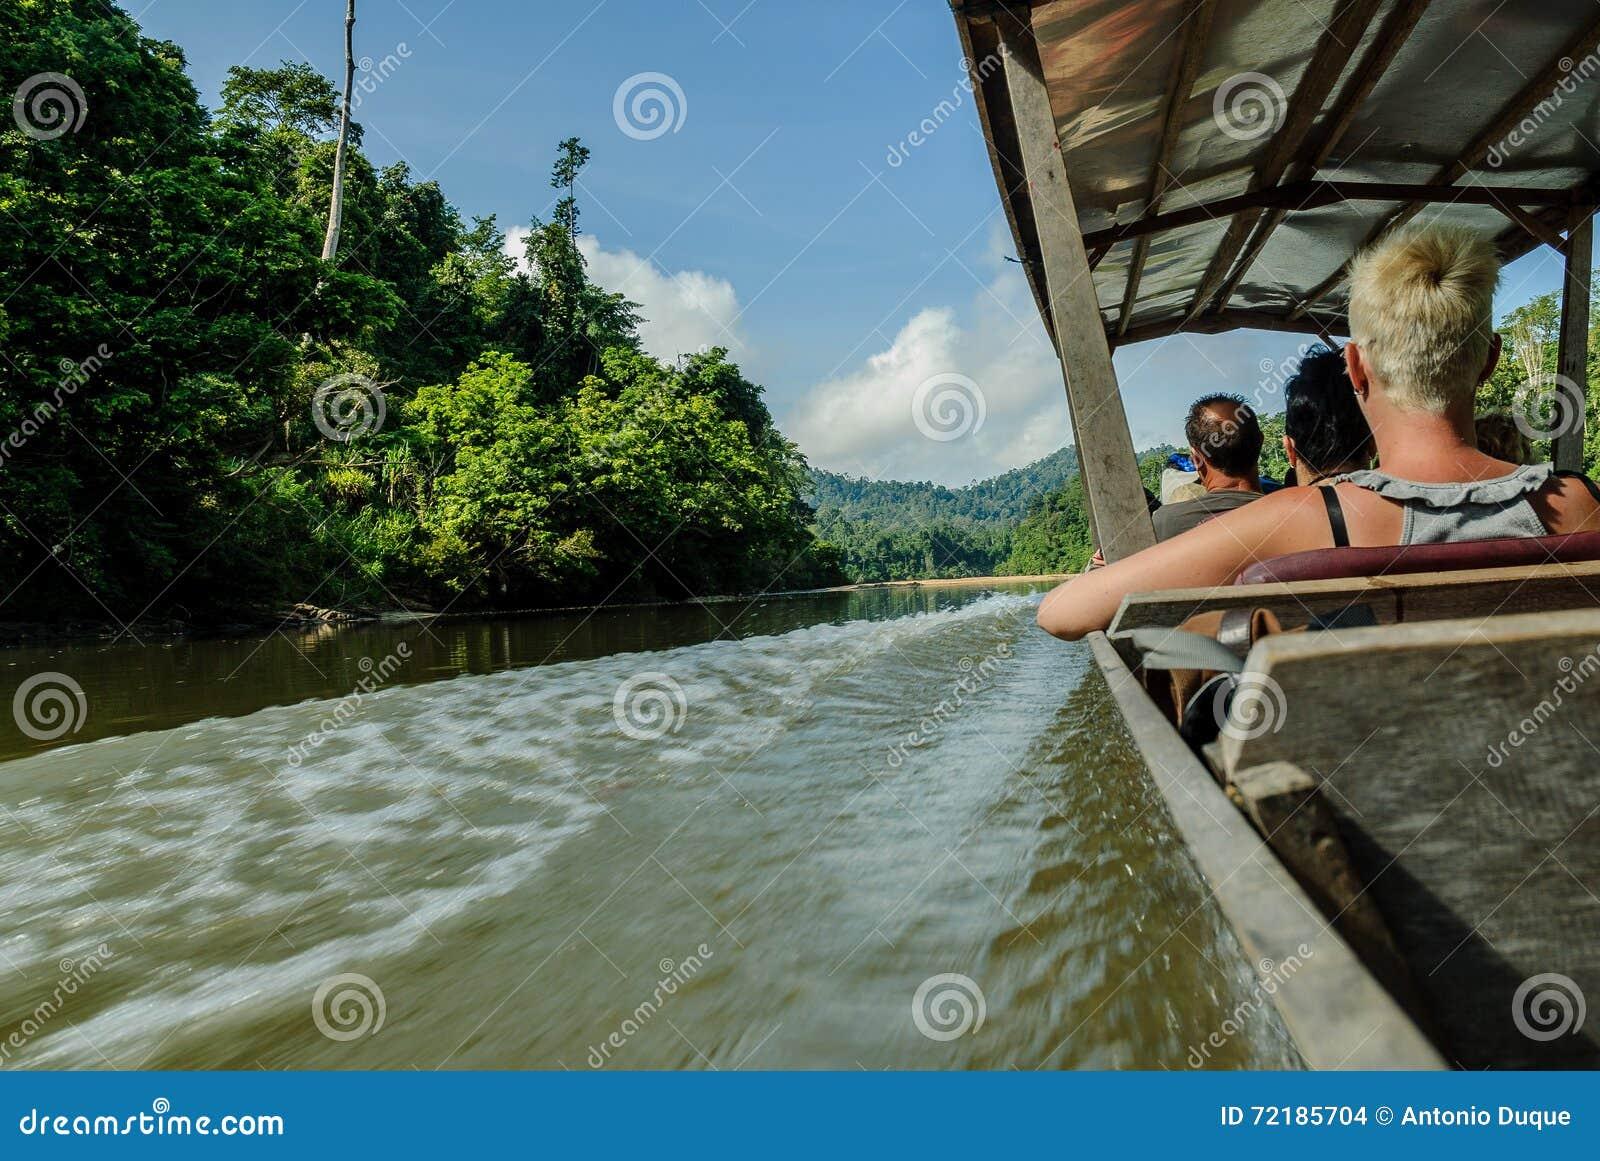 Motorboot in de rivier Sungai Tembeling binnen bostaman Negara in Maleisië